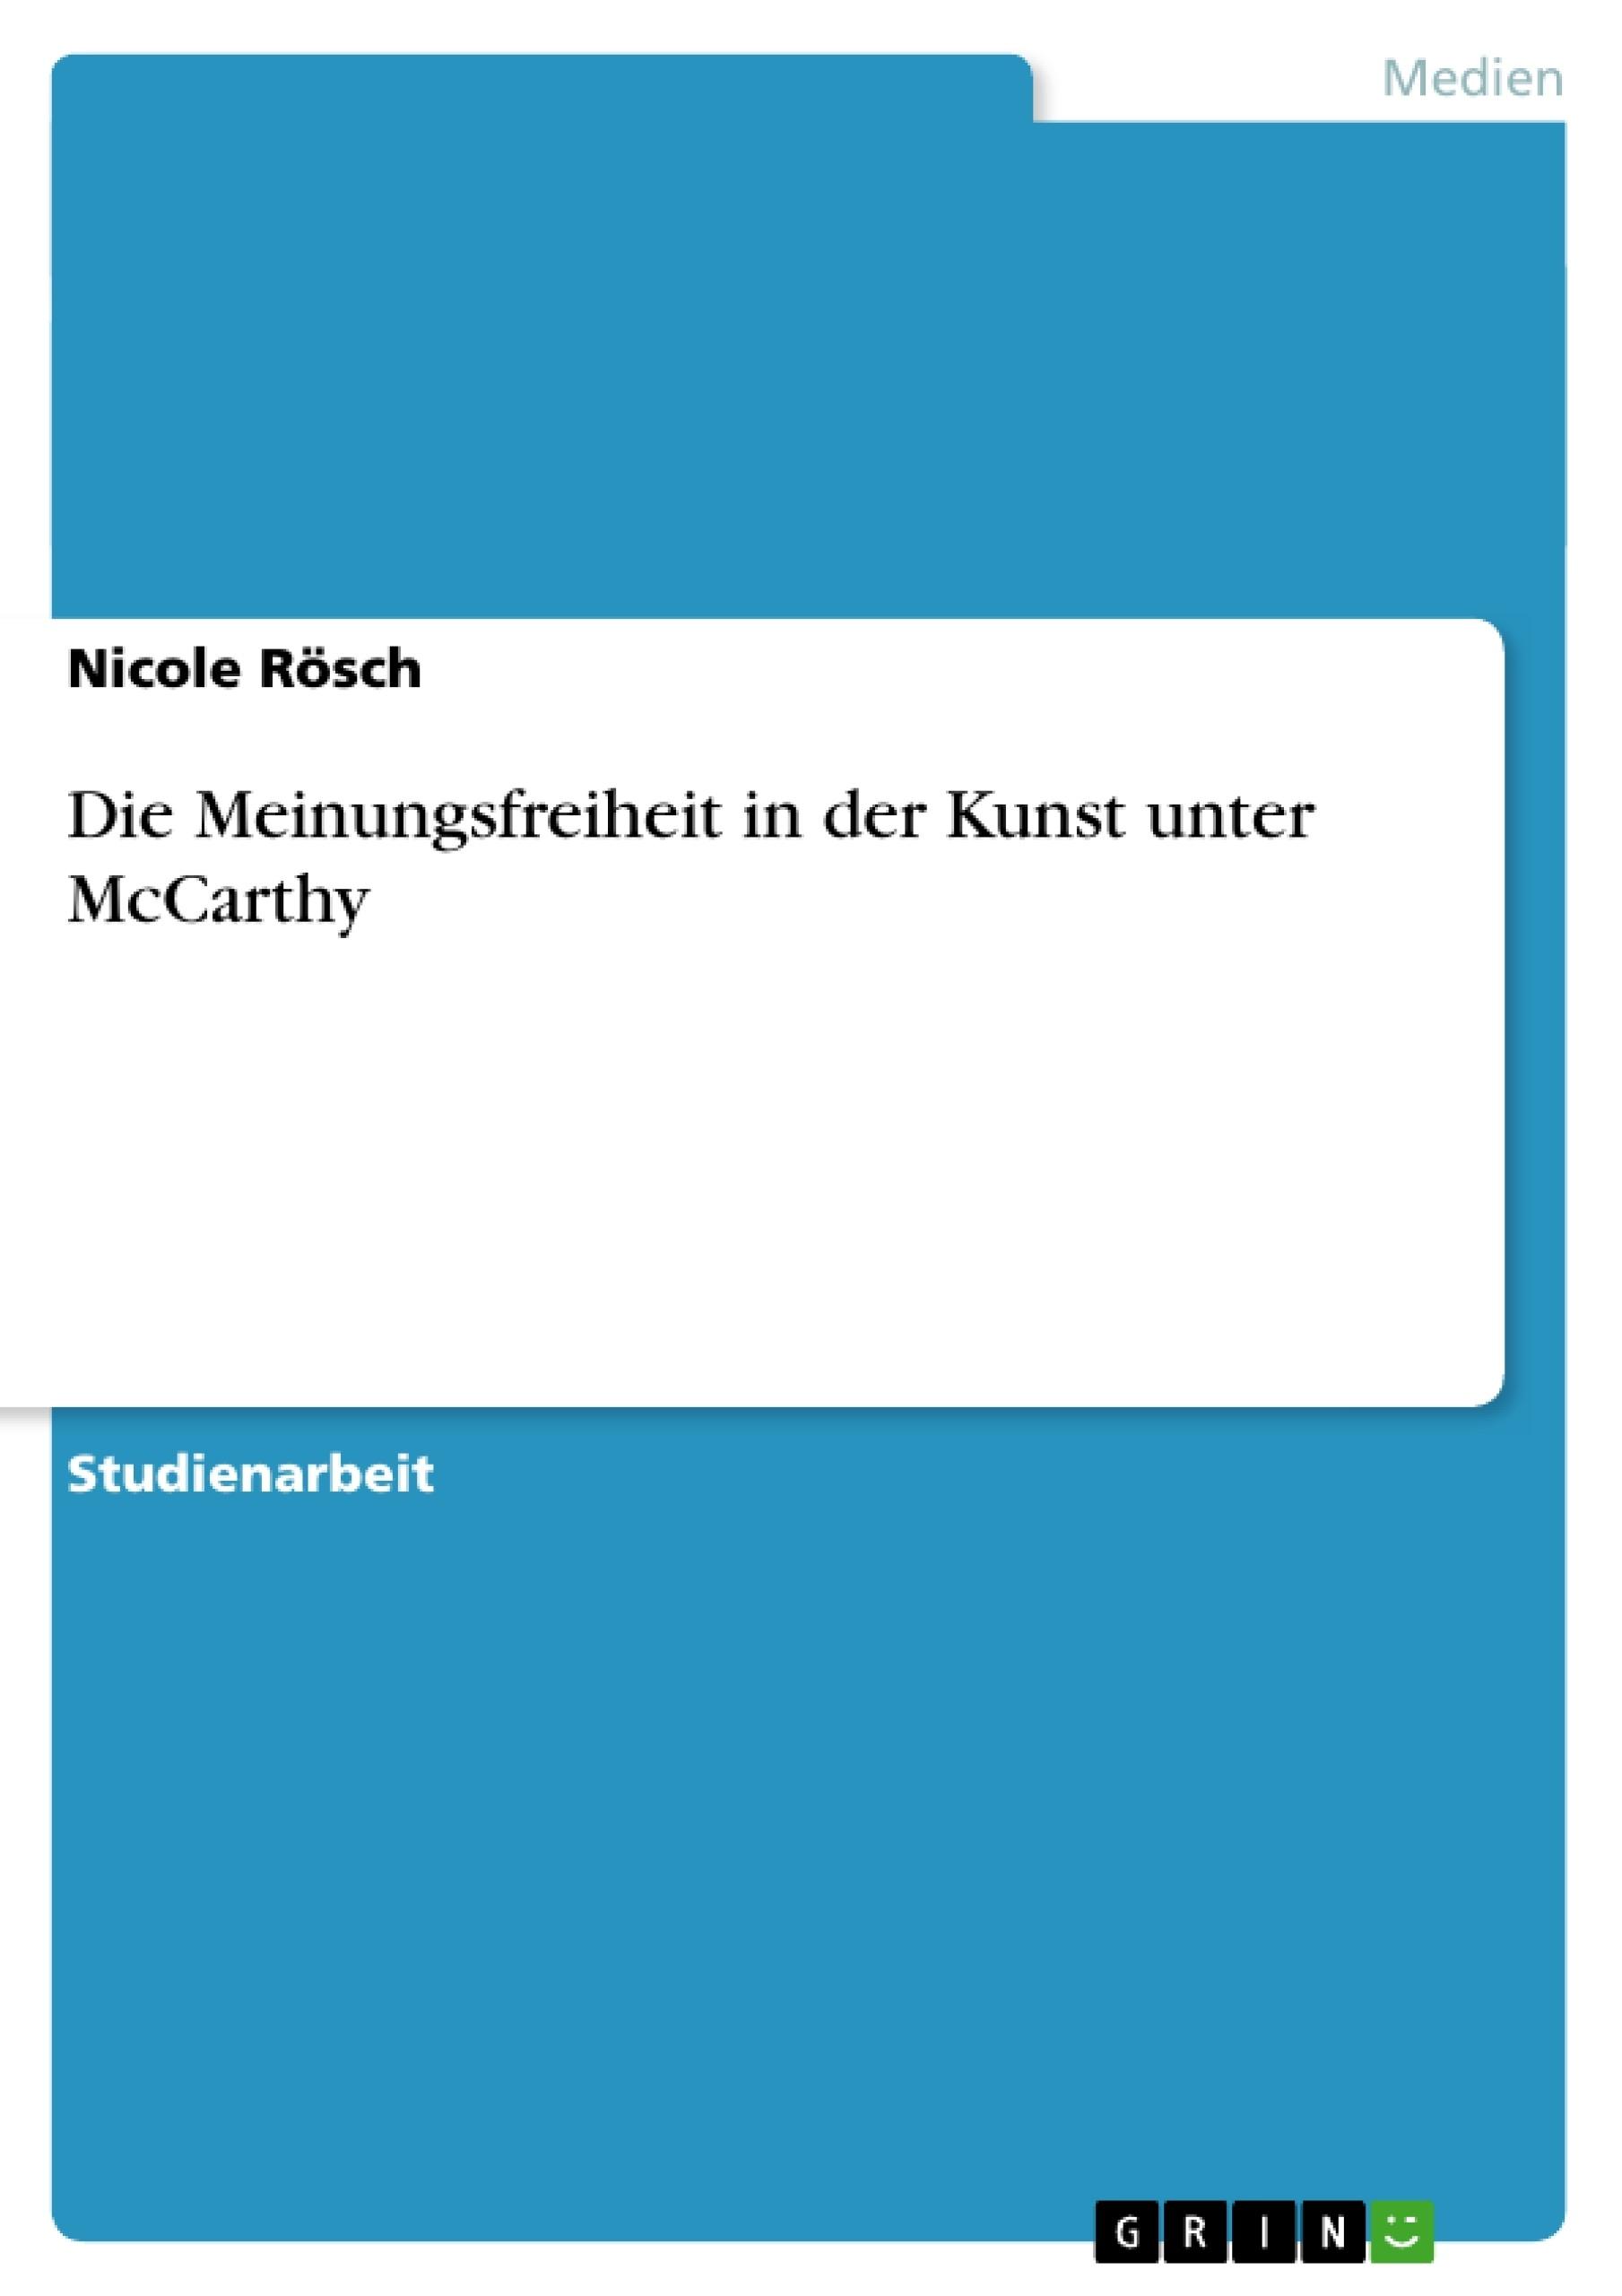 Titel: Die Meinungsfreiheit in der Kunst unter McCarthy